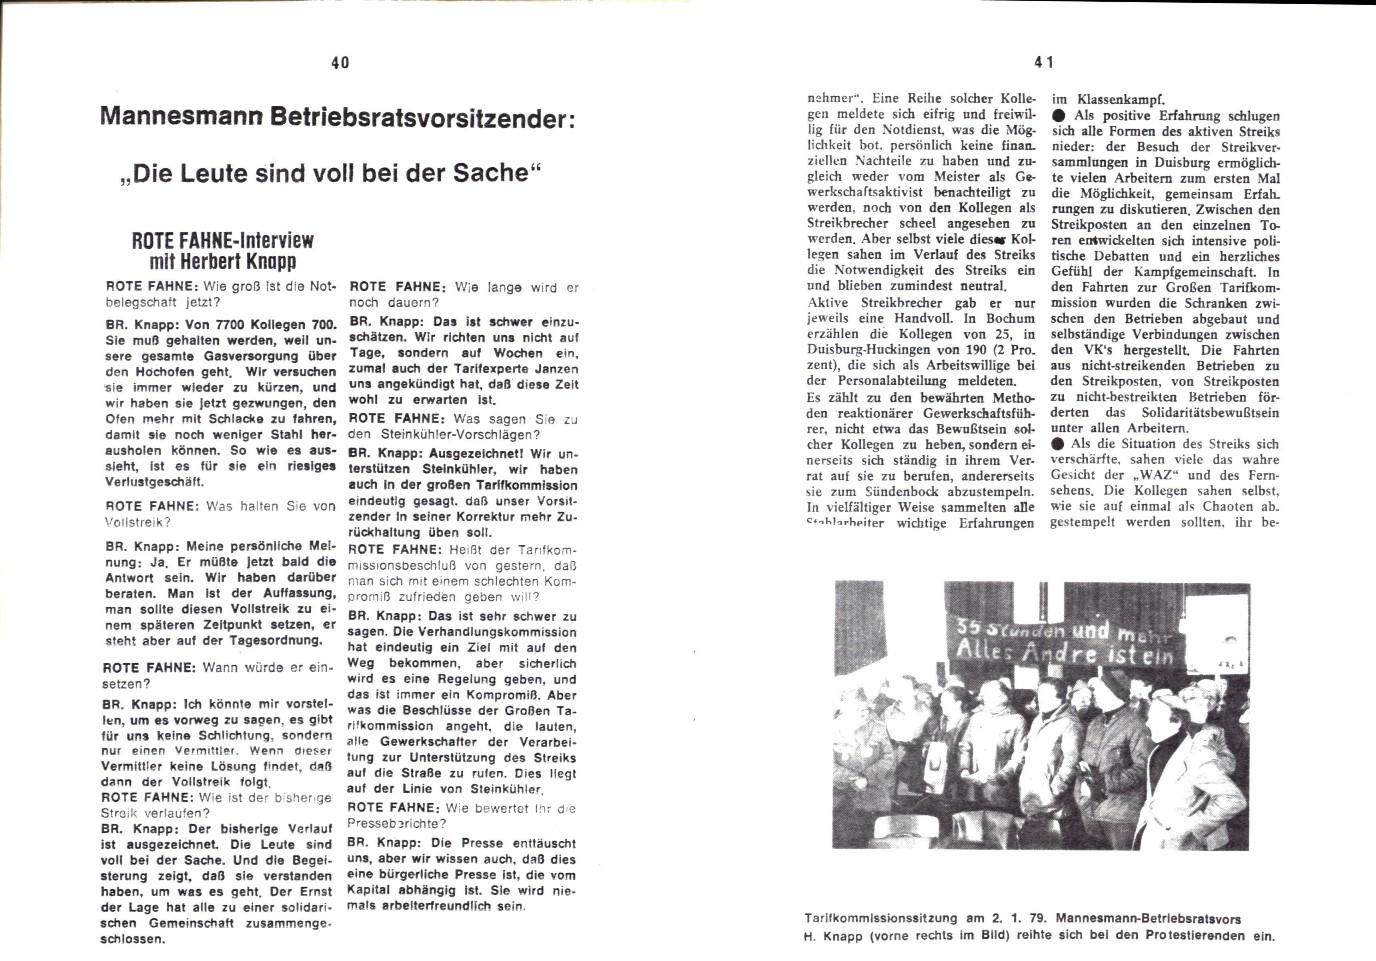 KPDAO_1979_Streik_in_der_Stahlindustrie_22